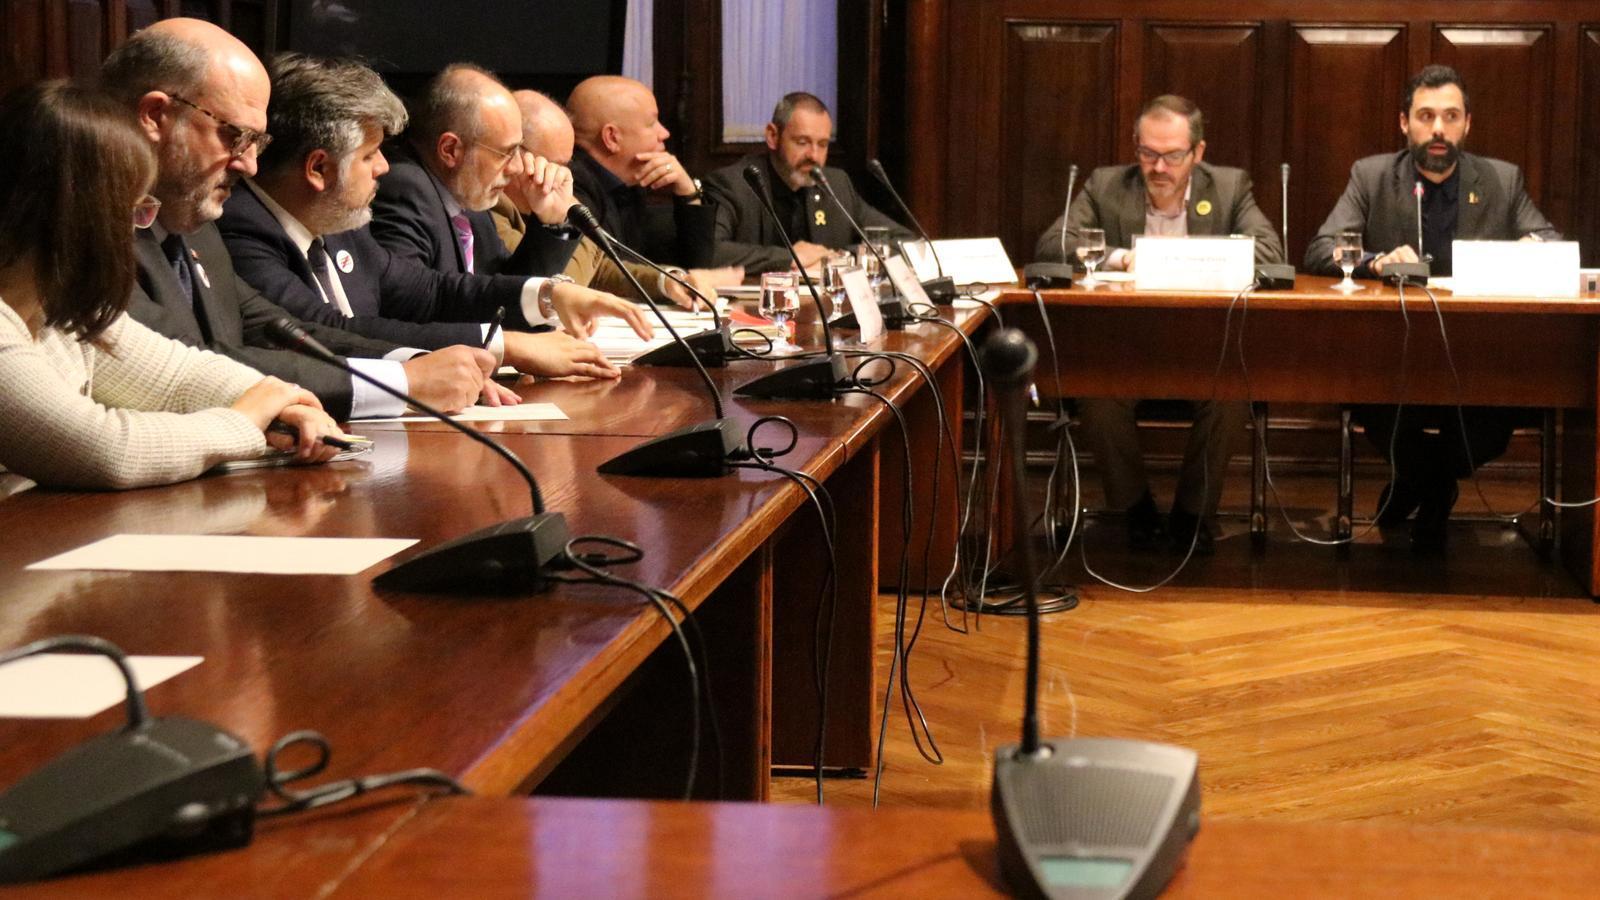 L'independentisme impulsa la comissió del reglament per intentar investir Puigdemont a distància